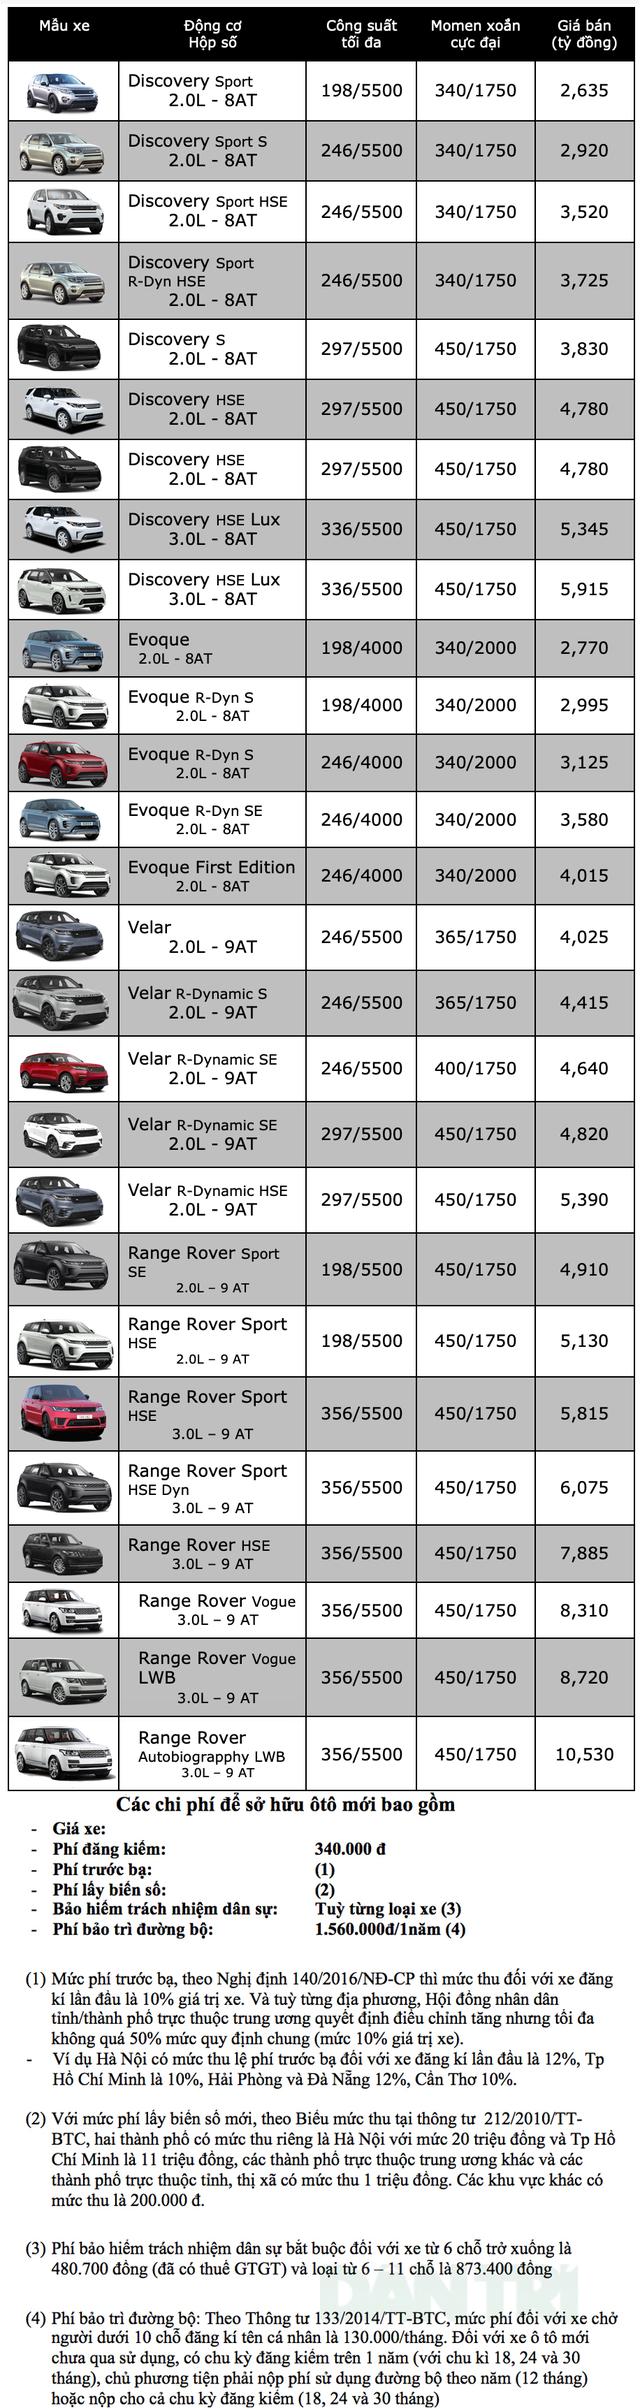 Bảng giá Land Rover tháng 12/2019 - 2